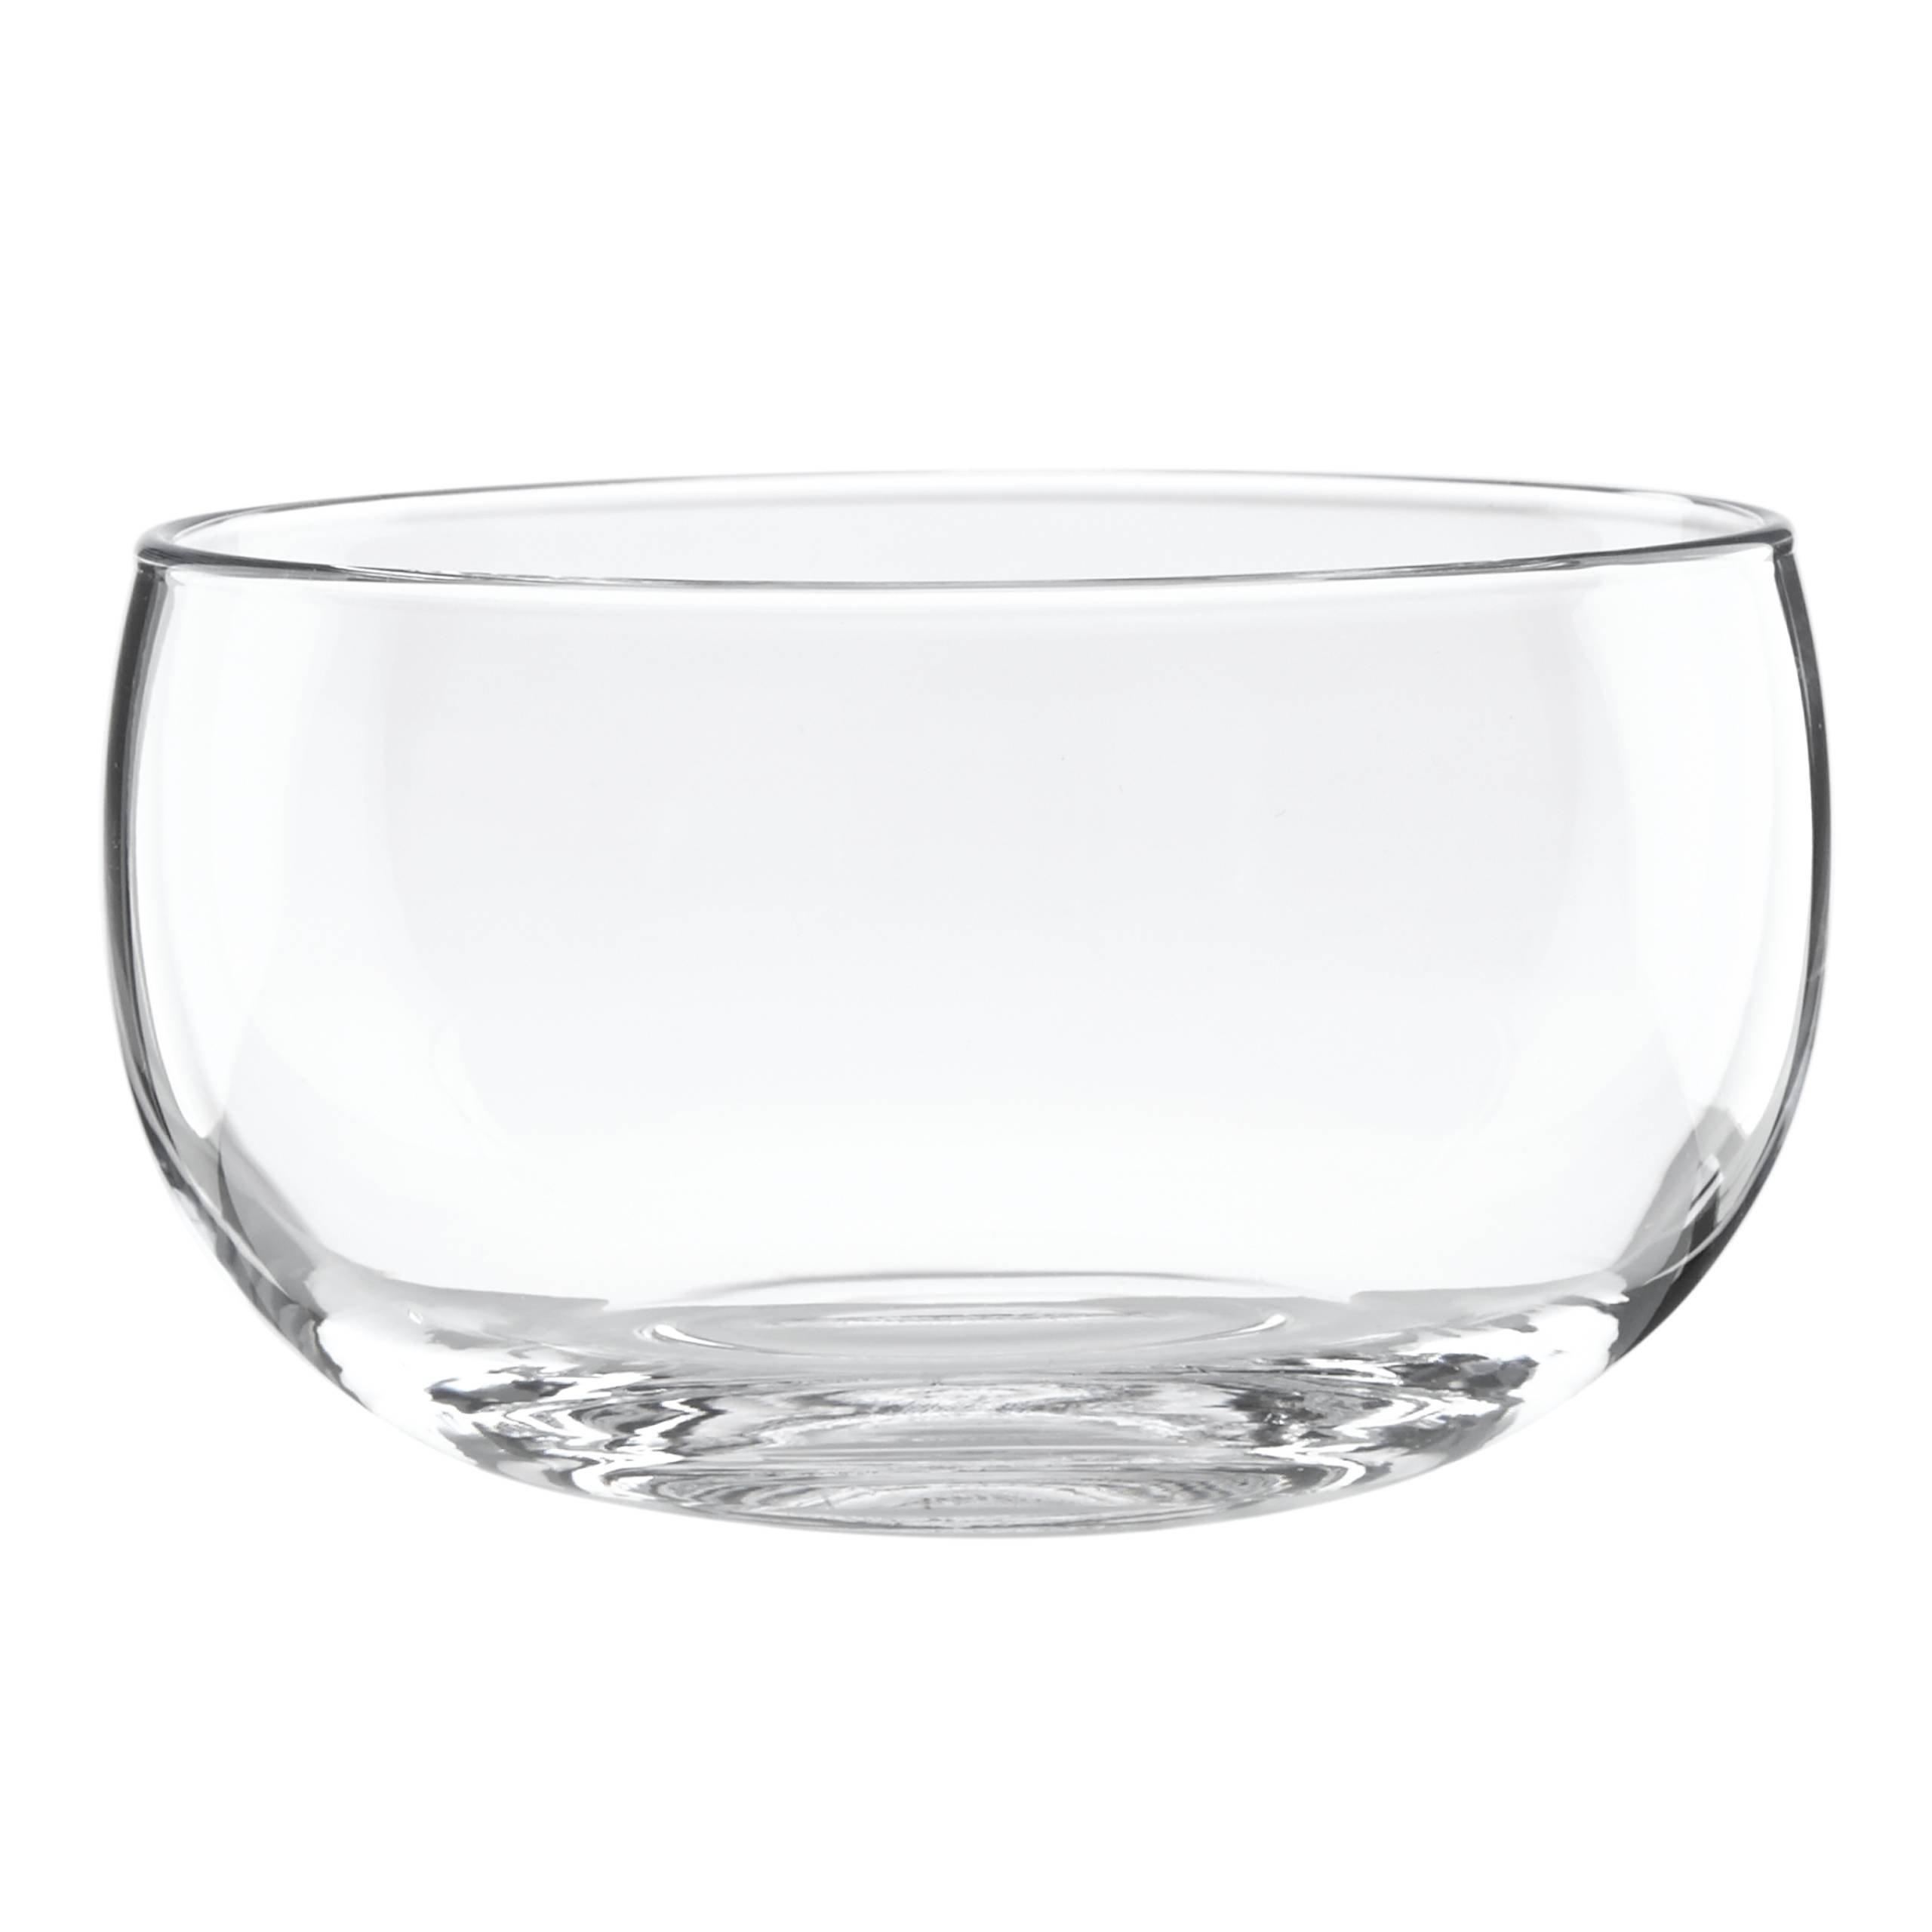 Lenox Tuscany Classics 5'' Nut Bowl, Clear